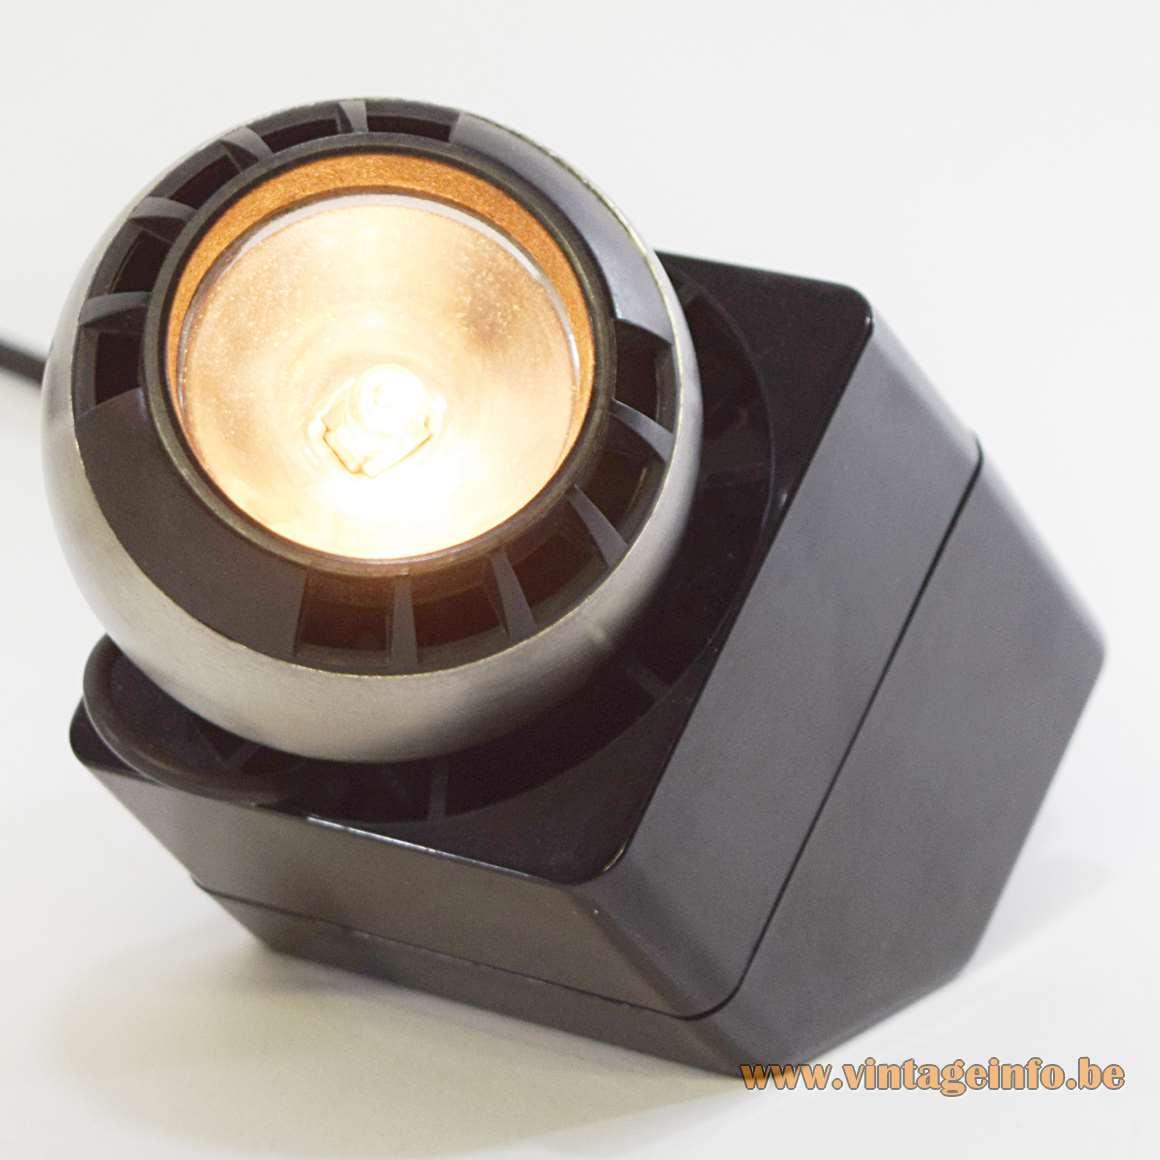 Osram Minispot - Osram Minispot - Model 41601 - 1972